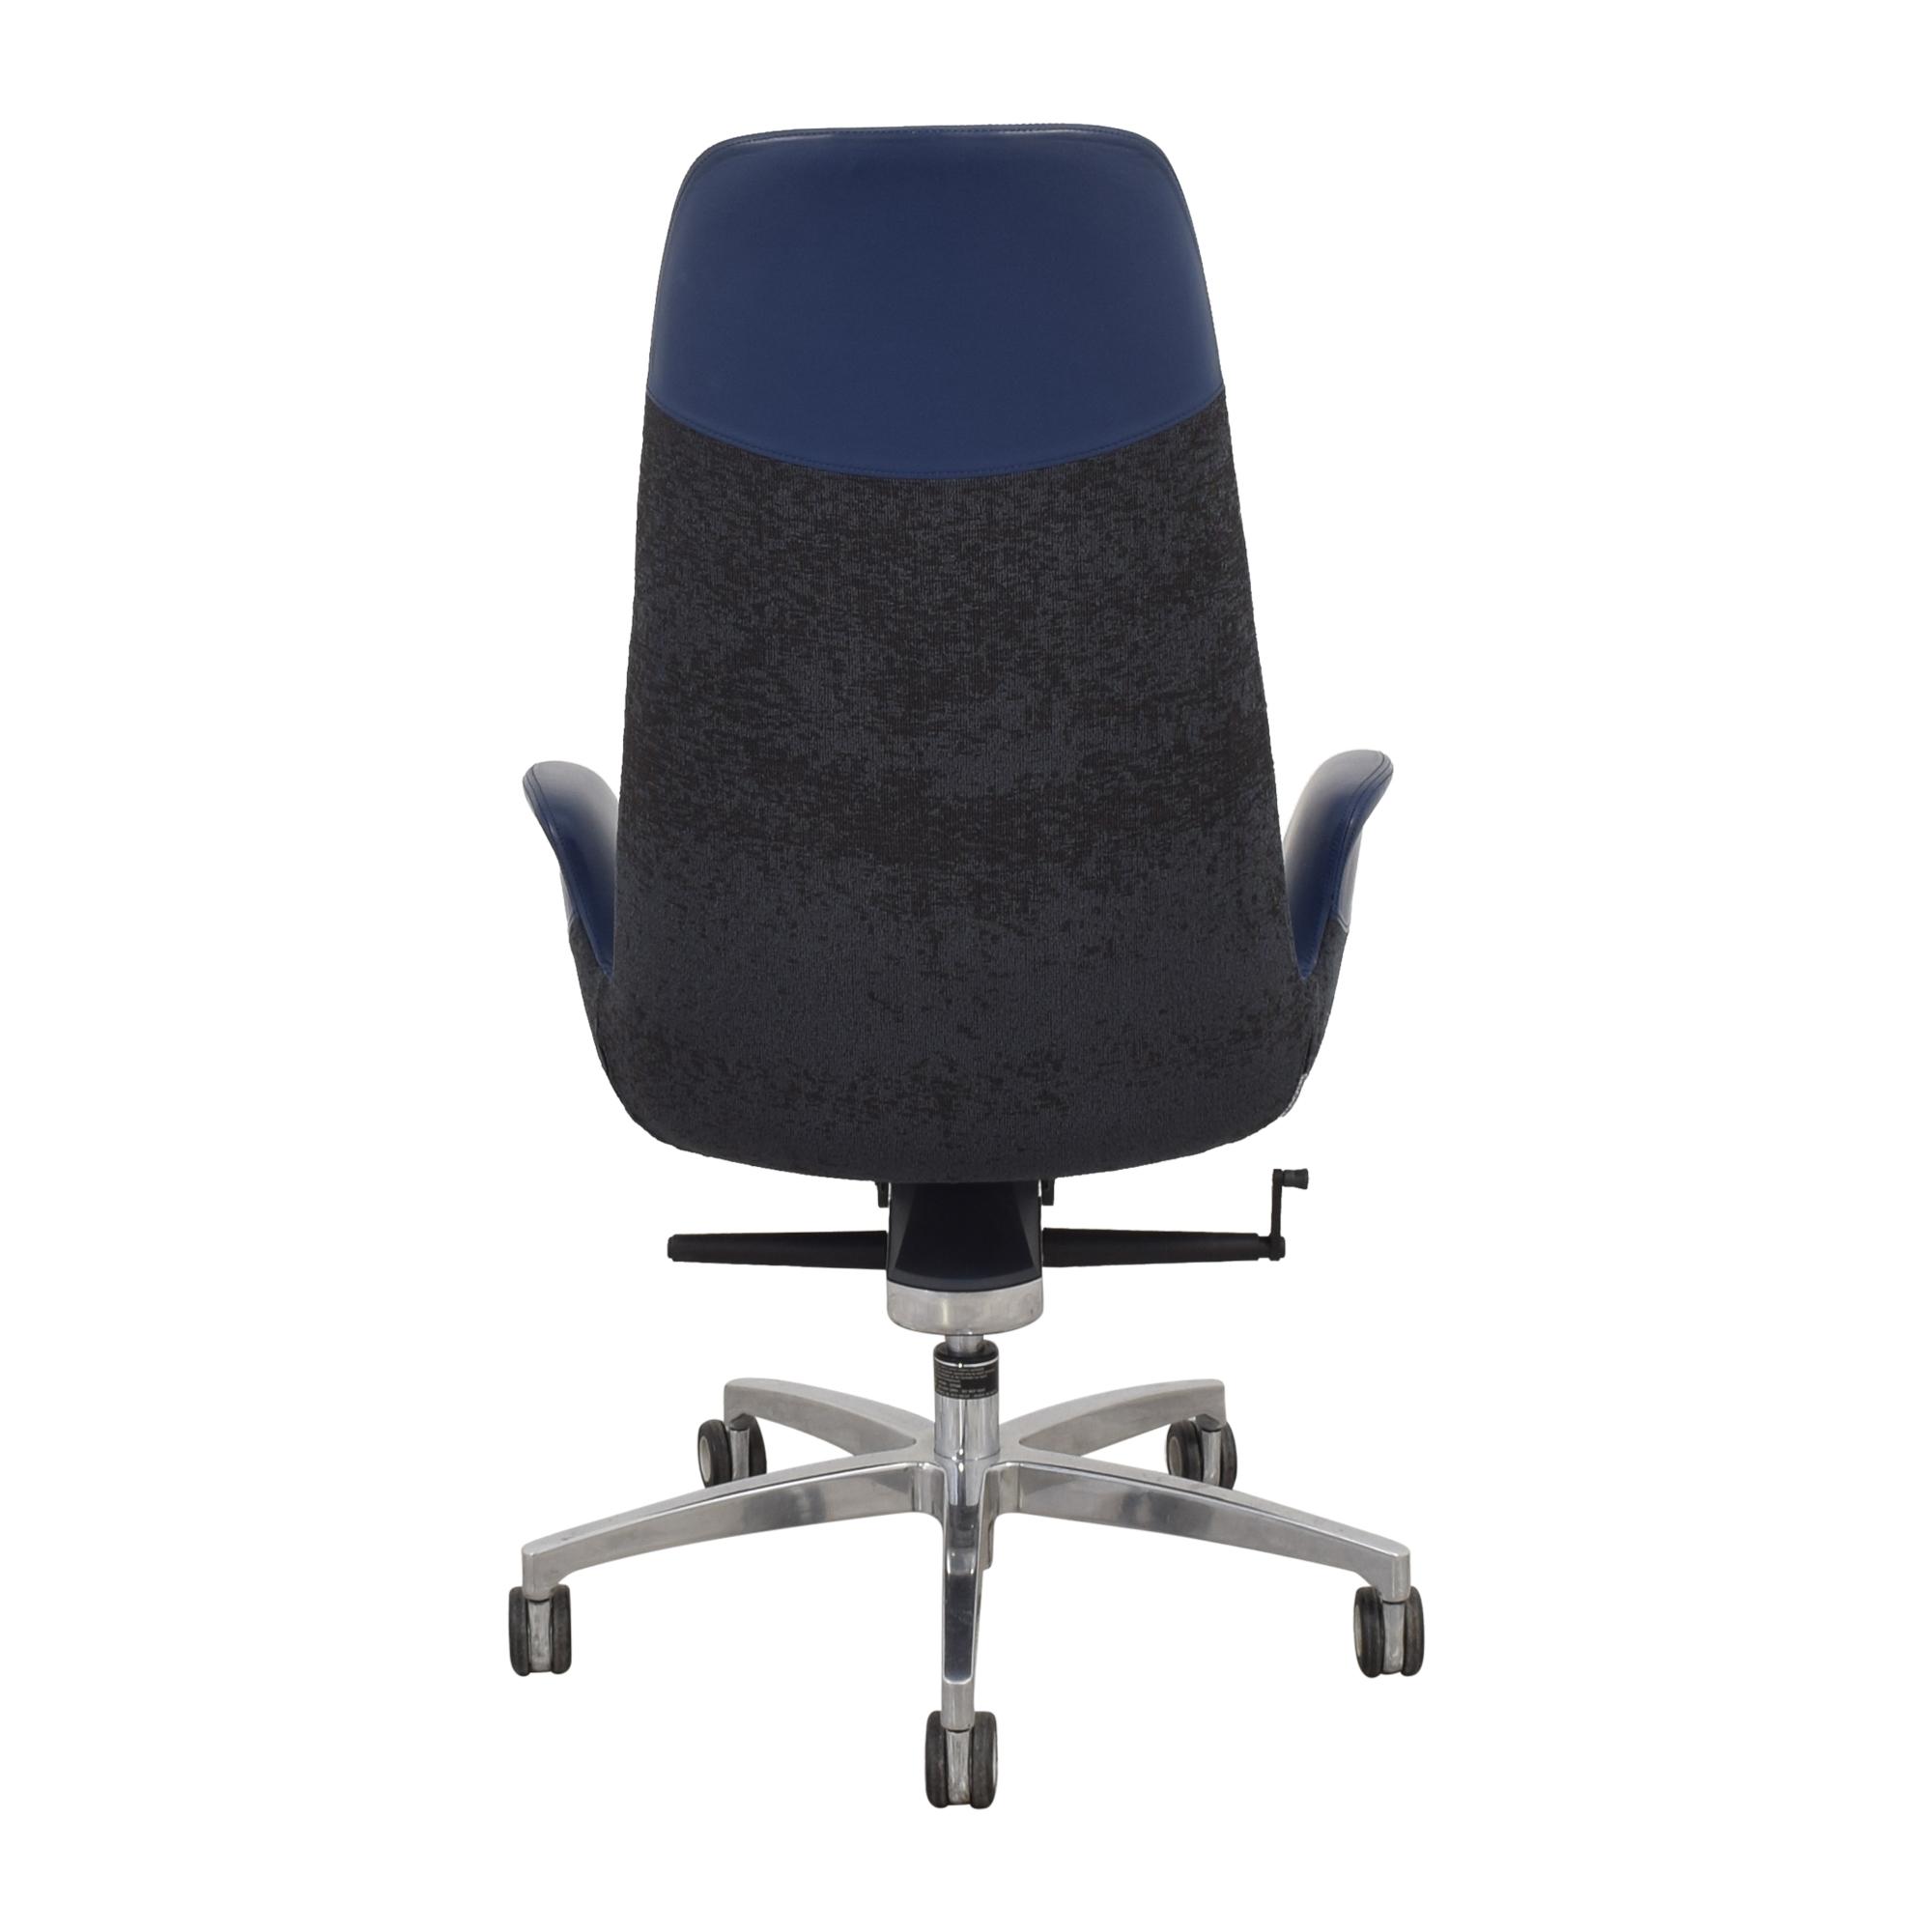 Koleksiyon Koleksiyon Halia High Back Office Chair used